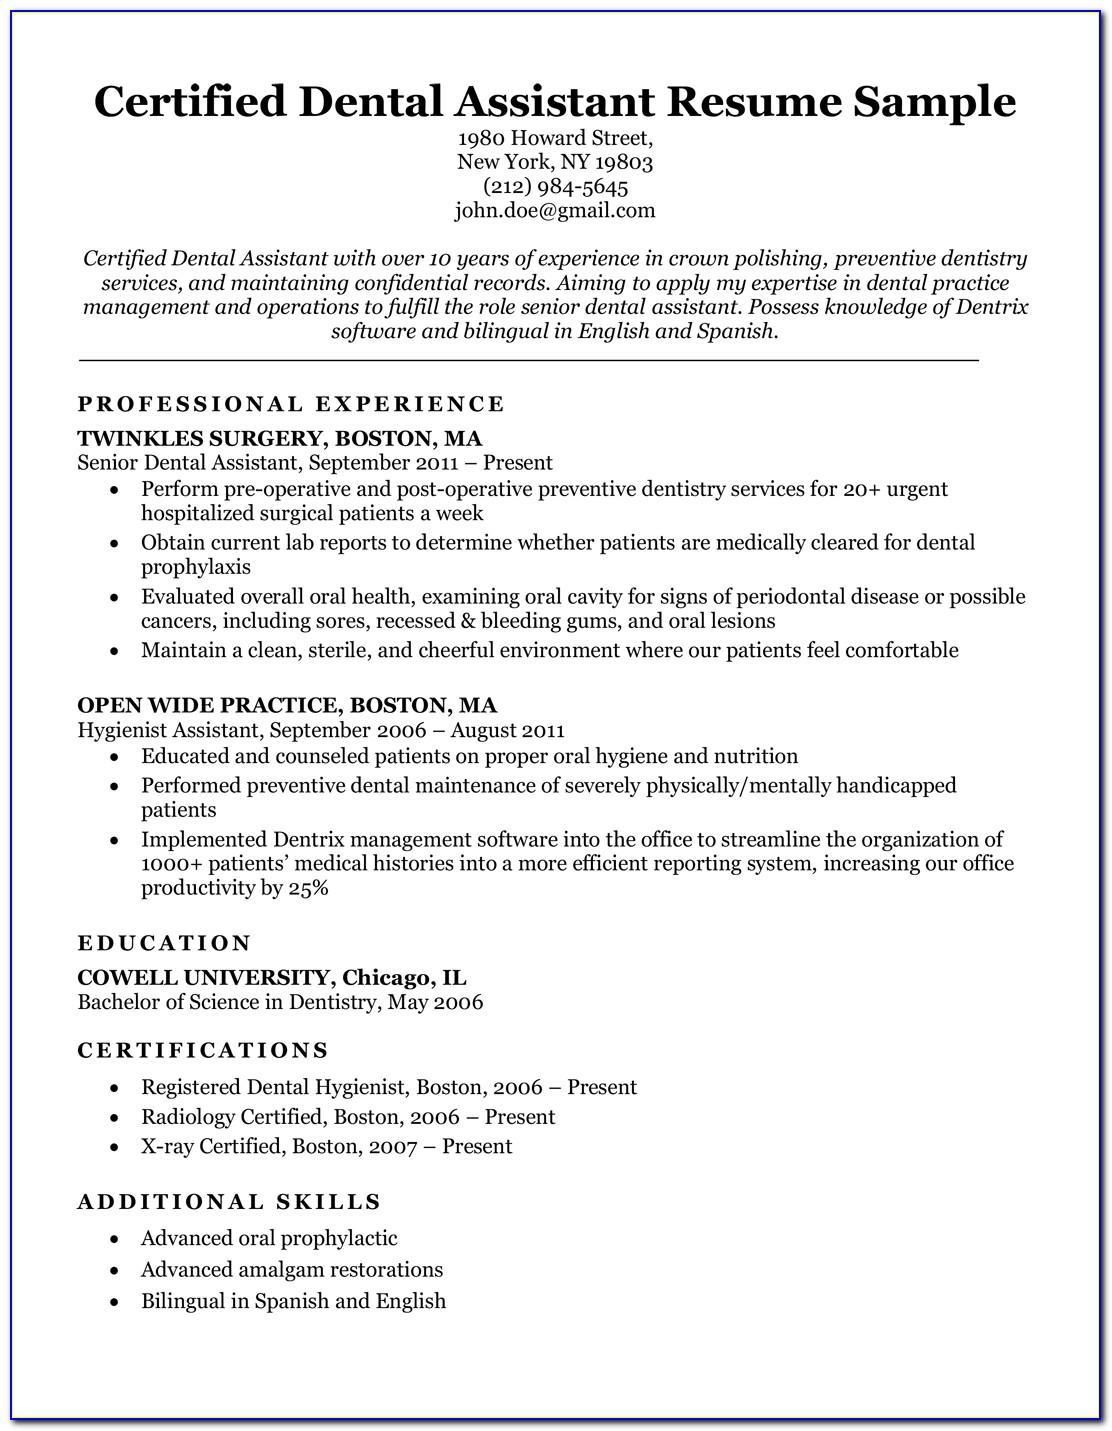 Dental Assistant Resume Sample Entry Level